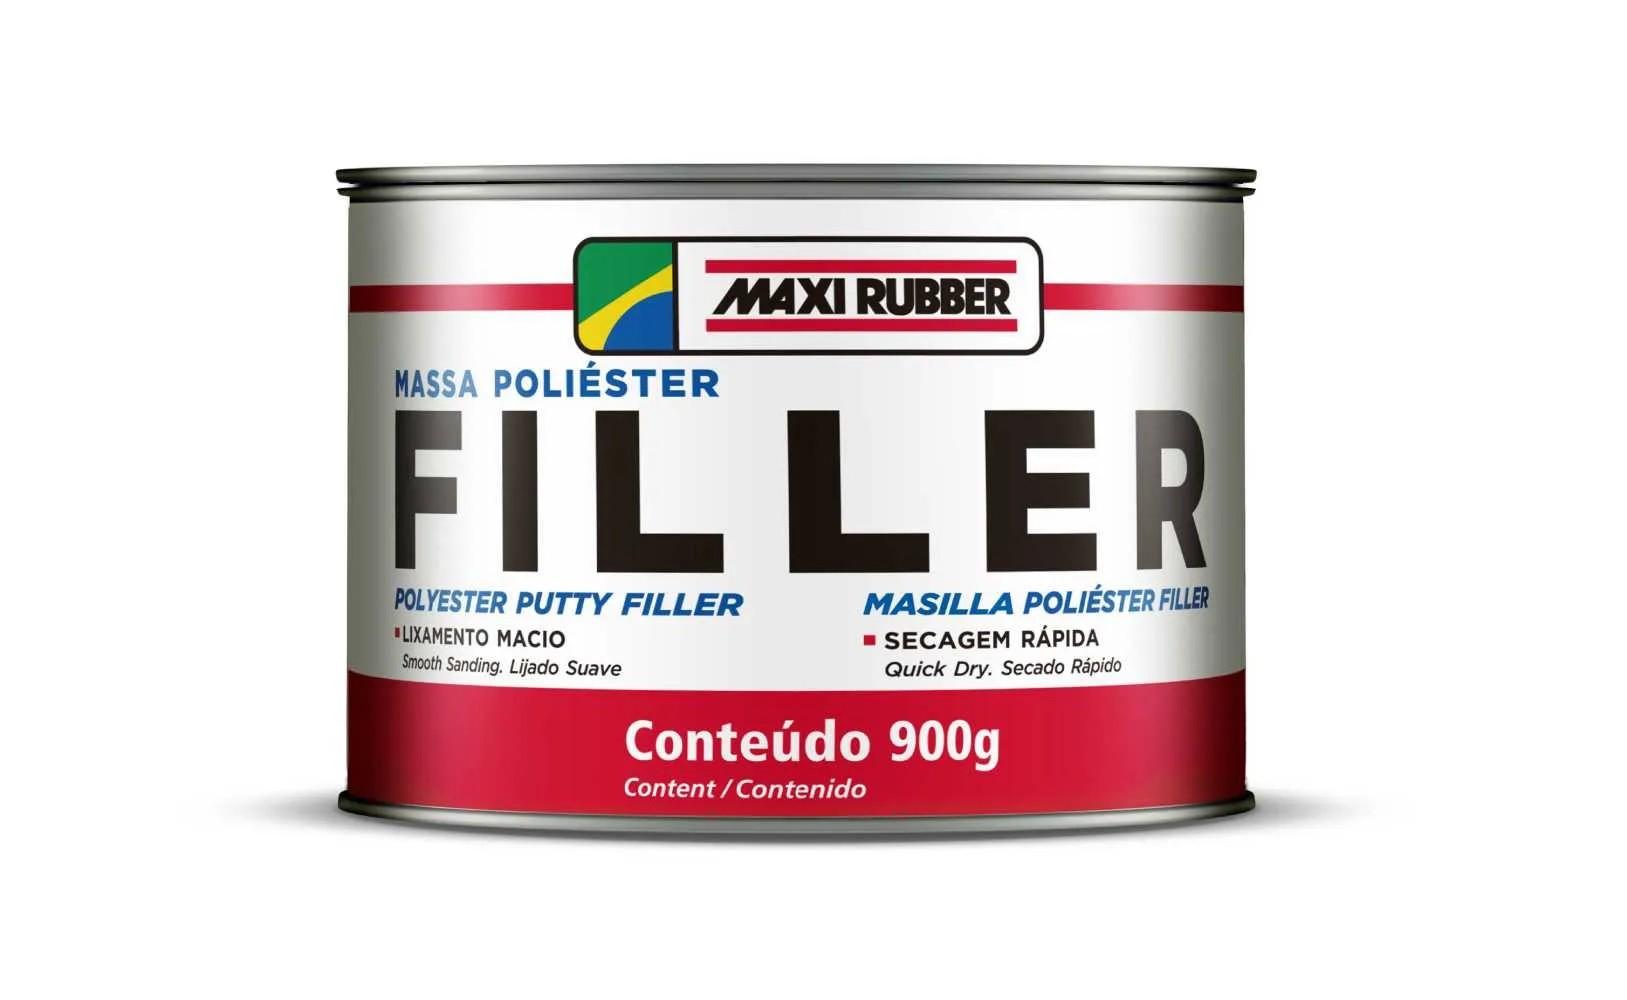 Massa Poliéster Filler 900g Maxi Rubber